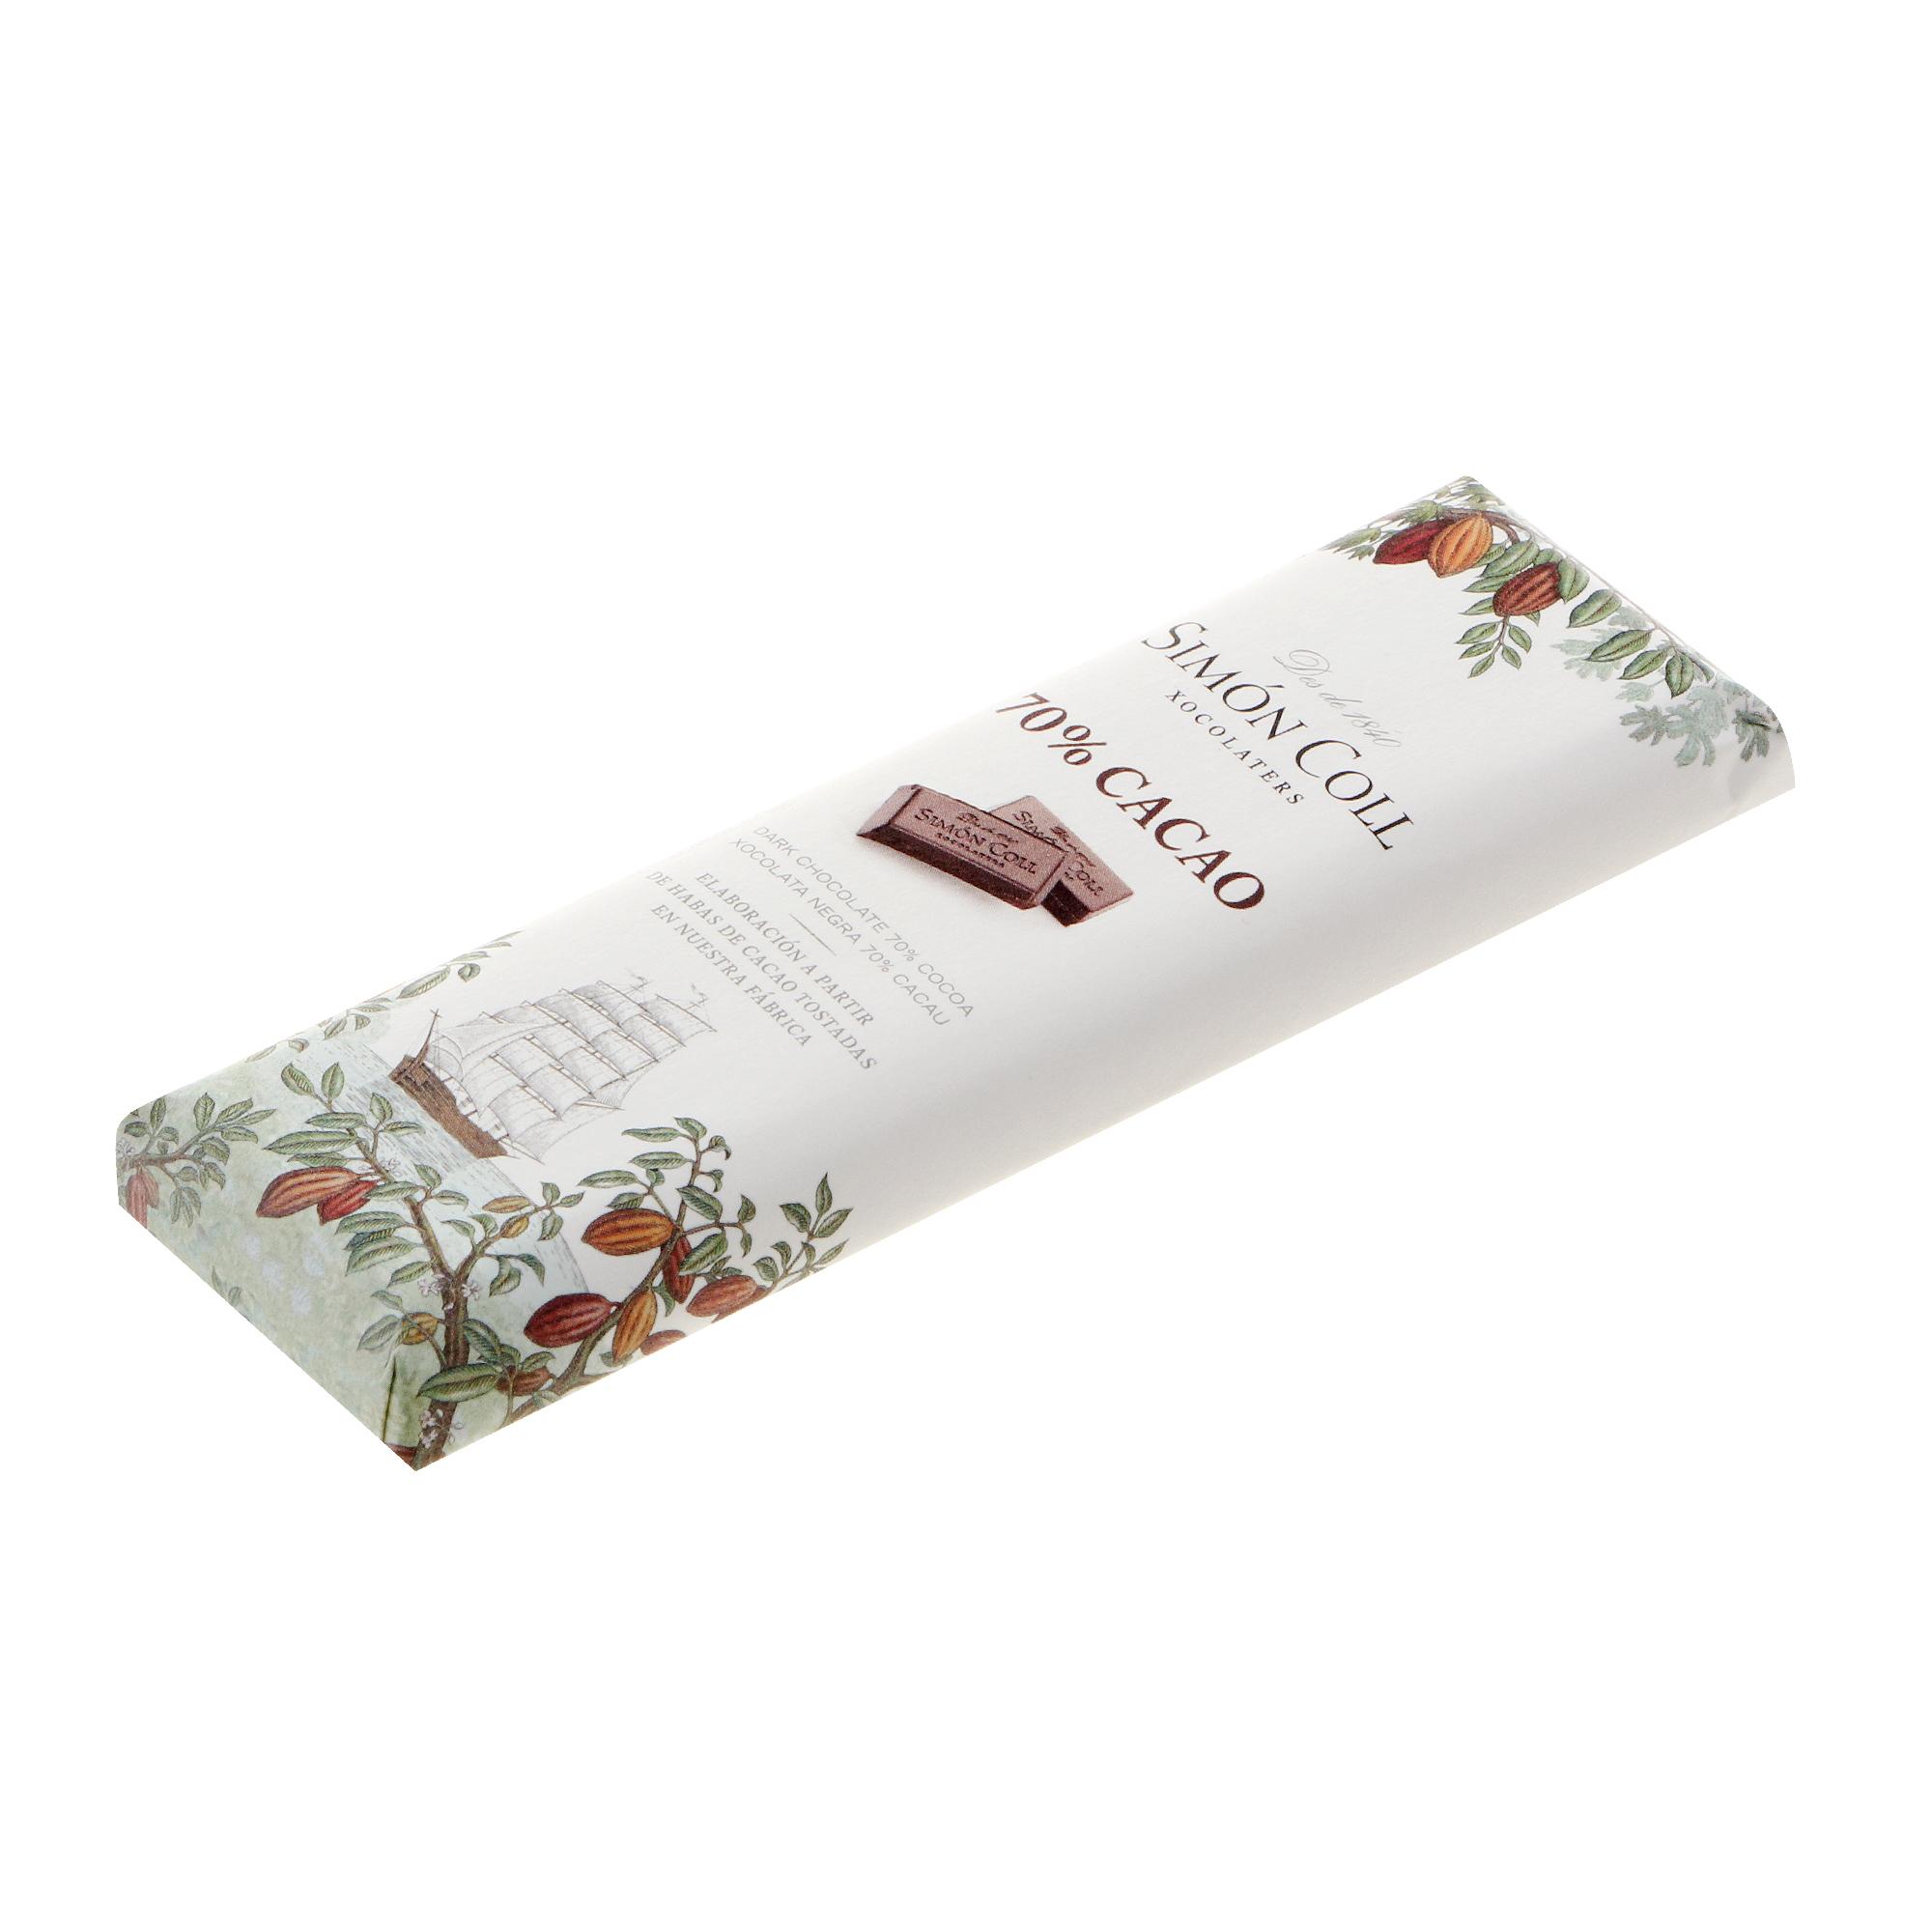 Шоколад Simon Coll 70% 25 г